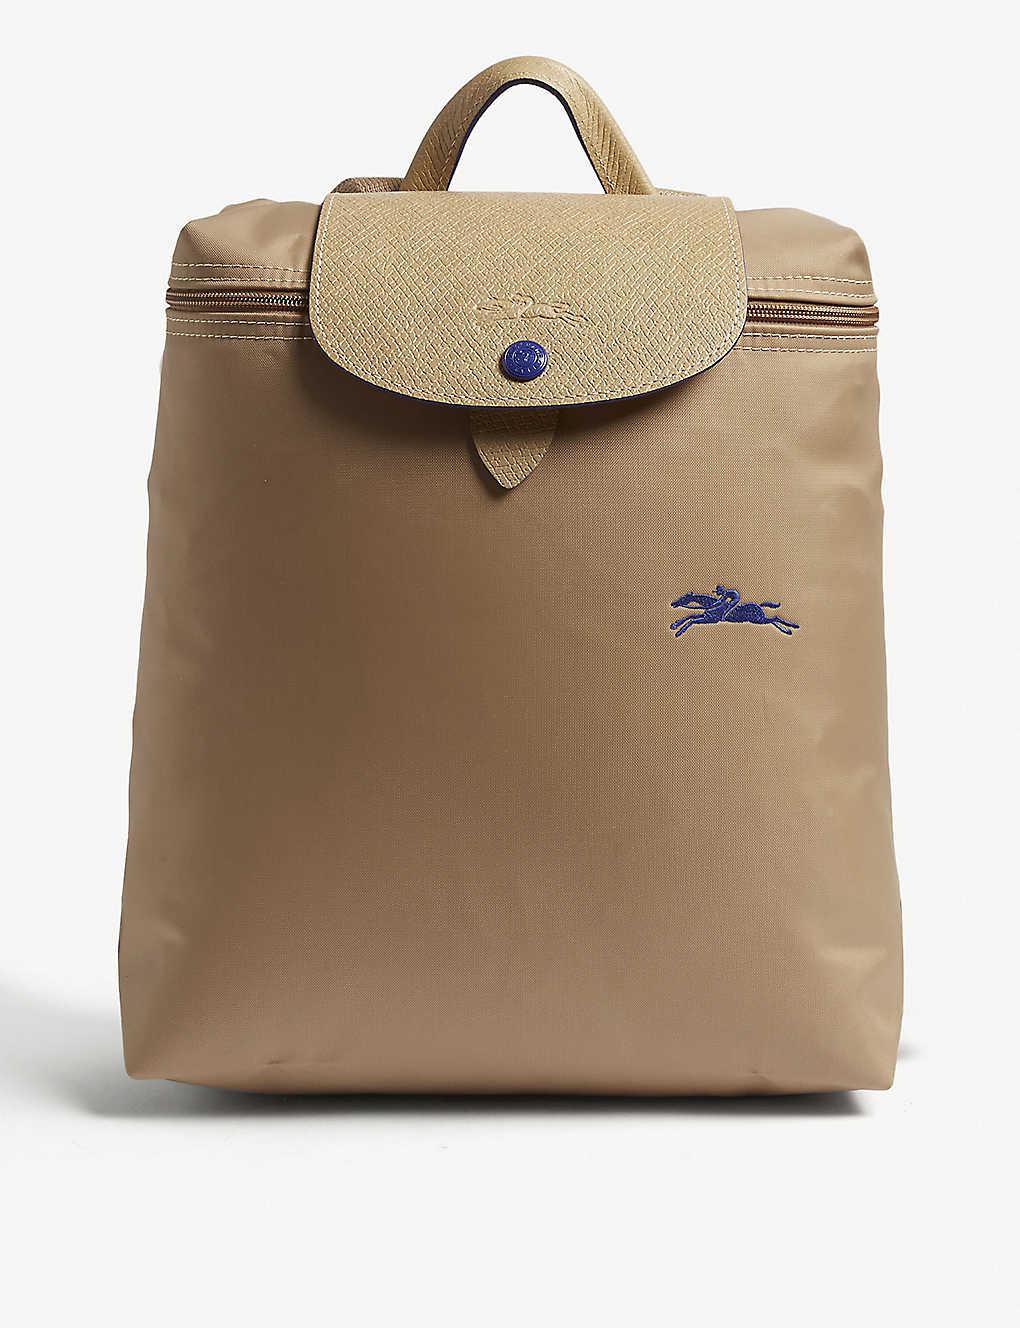 37a8dd2a6f09 LONGCHAMP - Le Pliage Club backpack